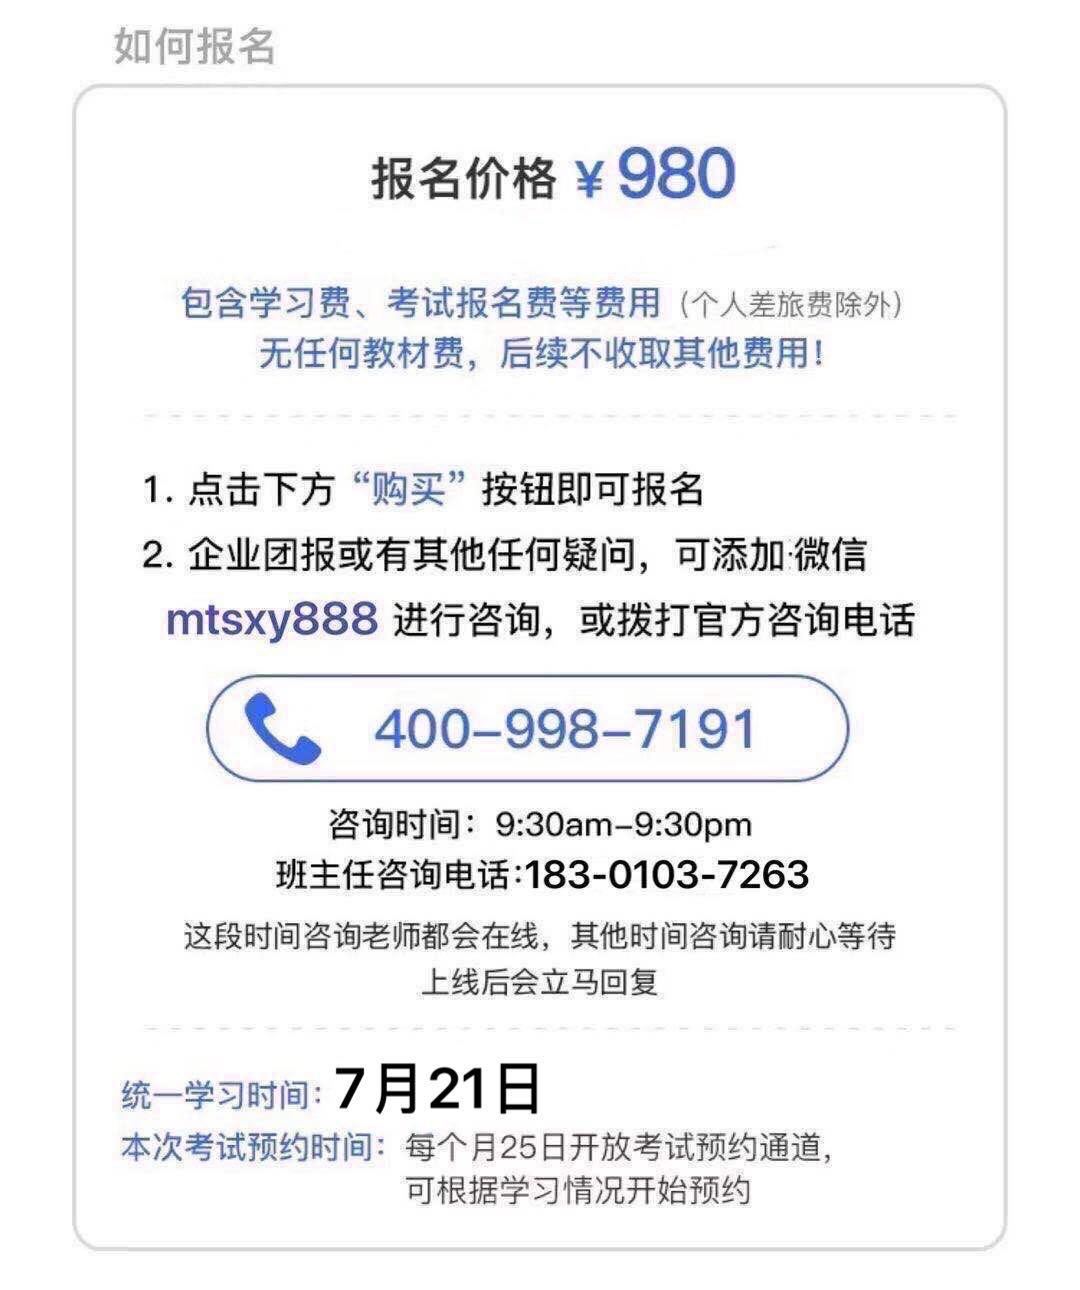 http://mtedu-img.oss-cn-beijing-internal.aliyuncs.com/ueditor/20200703110914_710626.jpeg